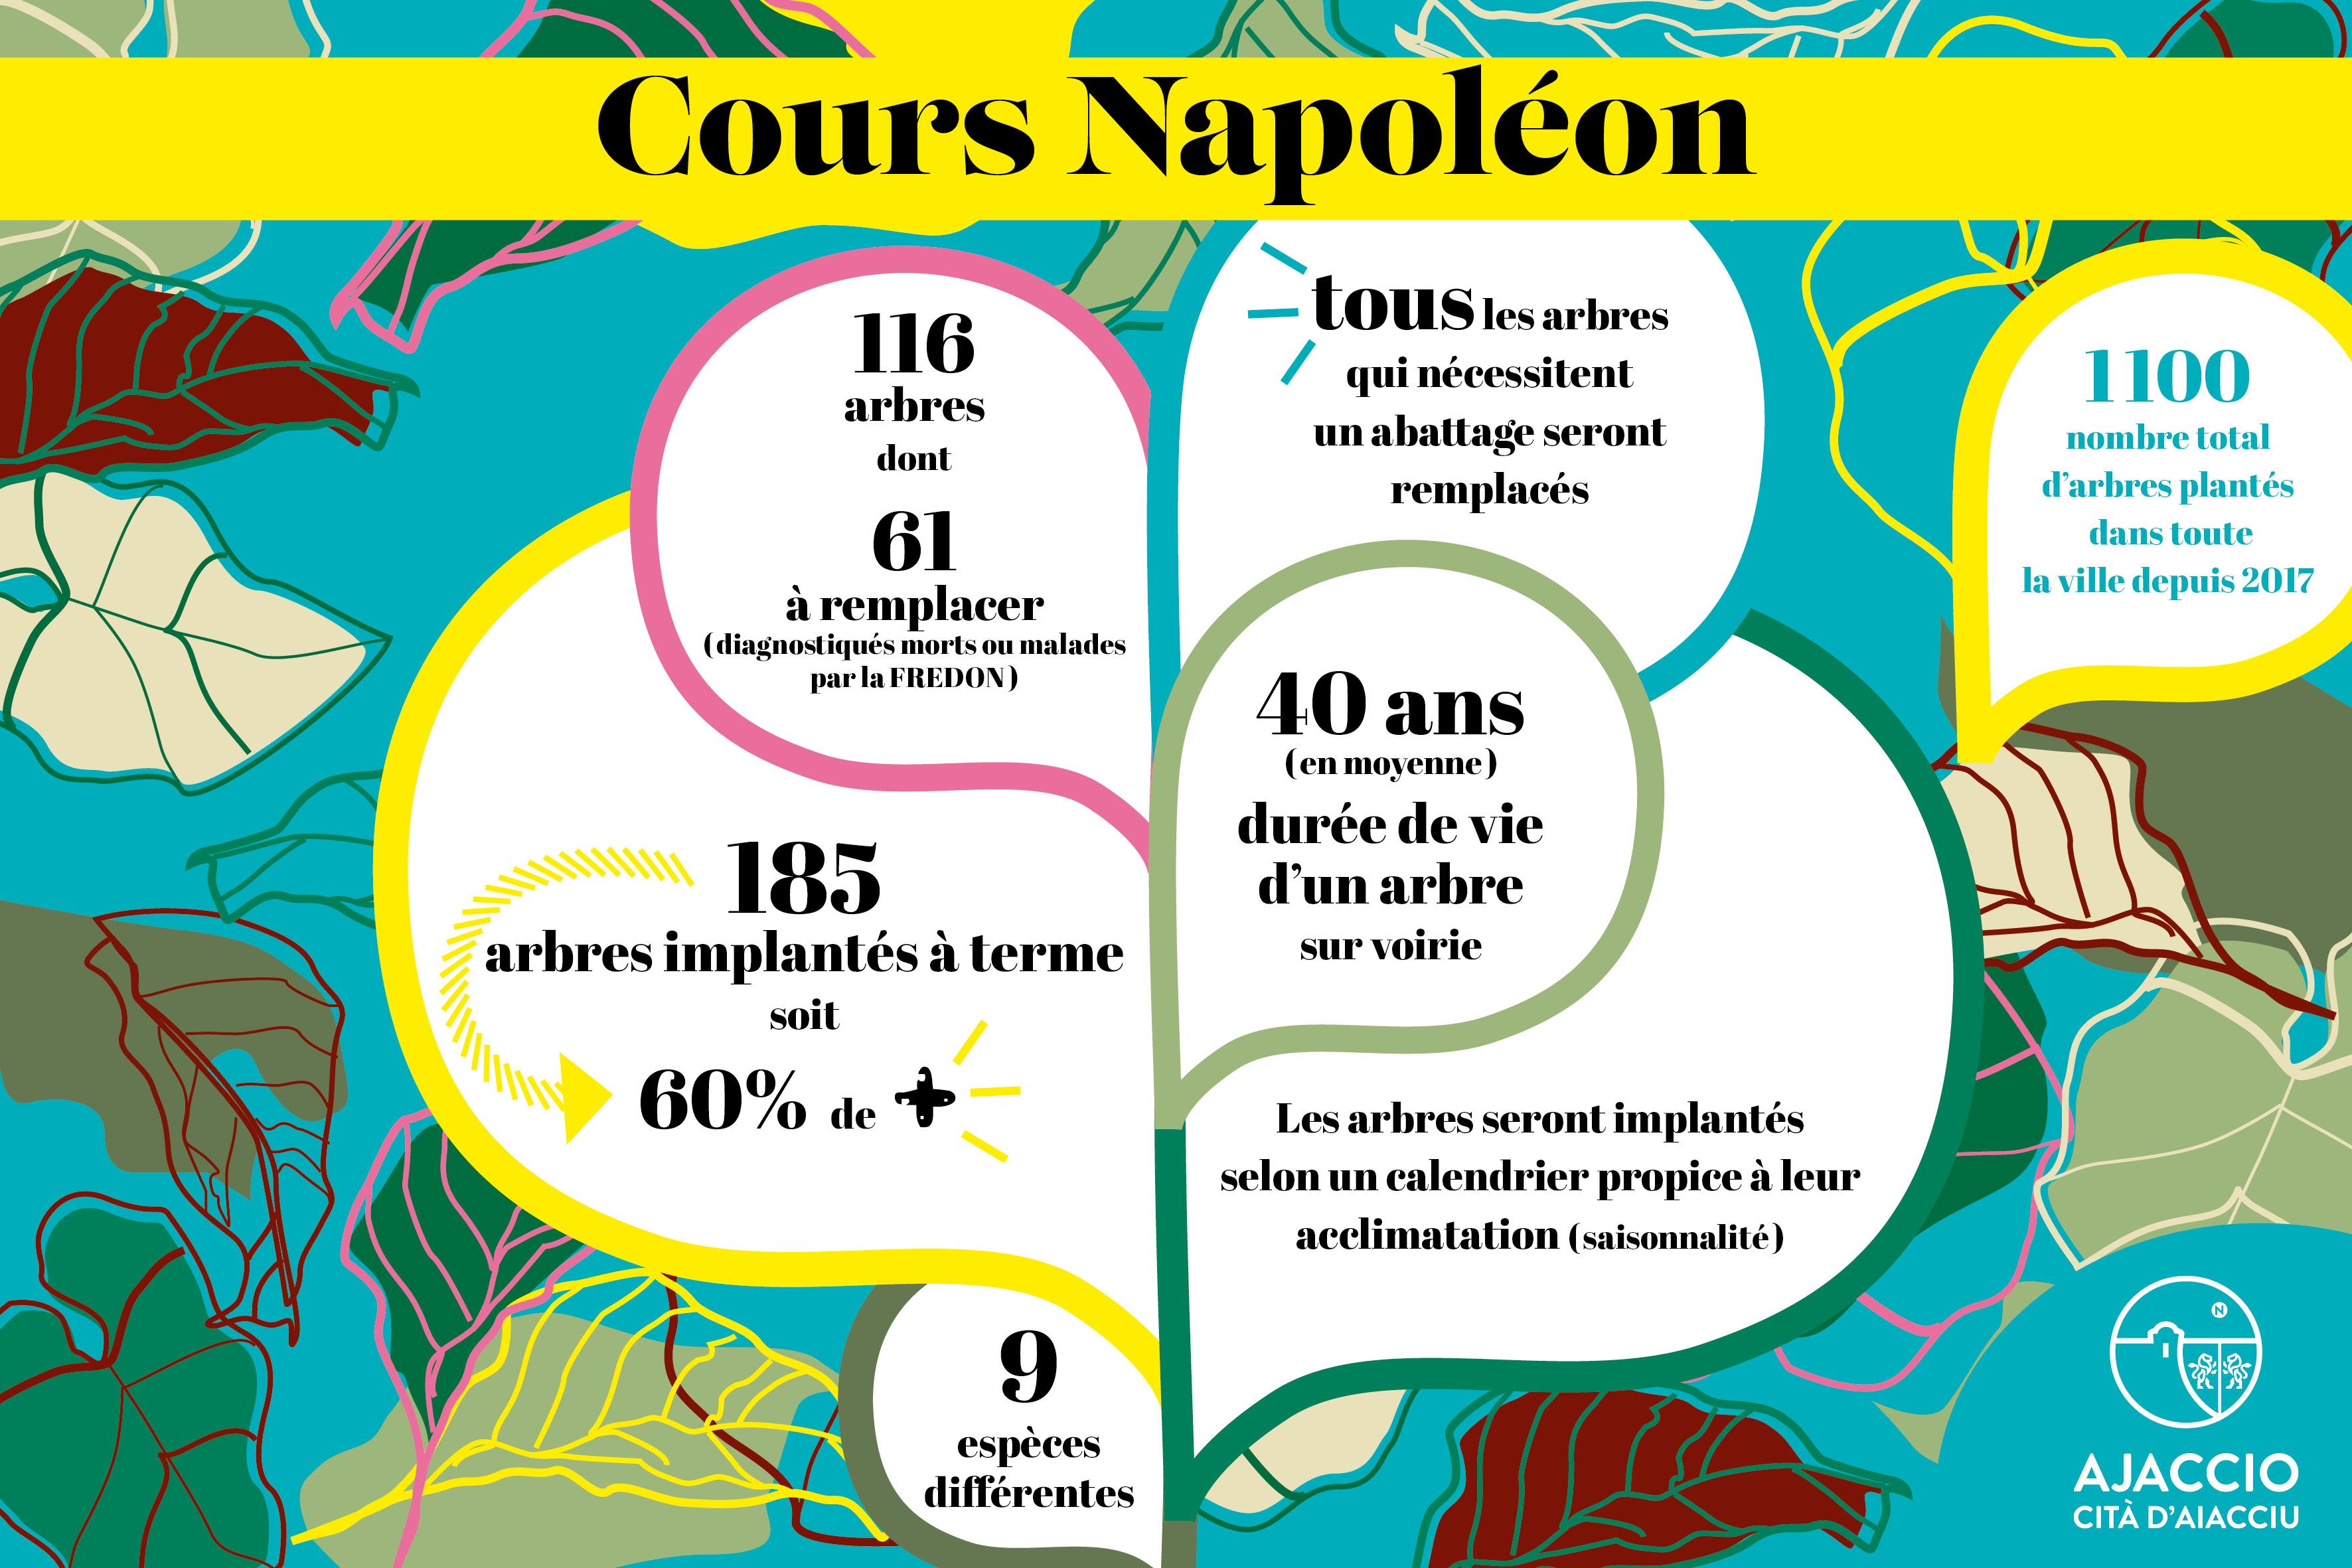 Végétalisation cours Napoléon : Plus de 60 arbres supplémentaires